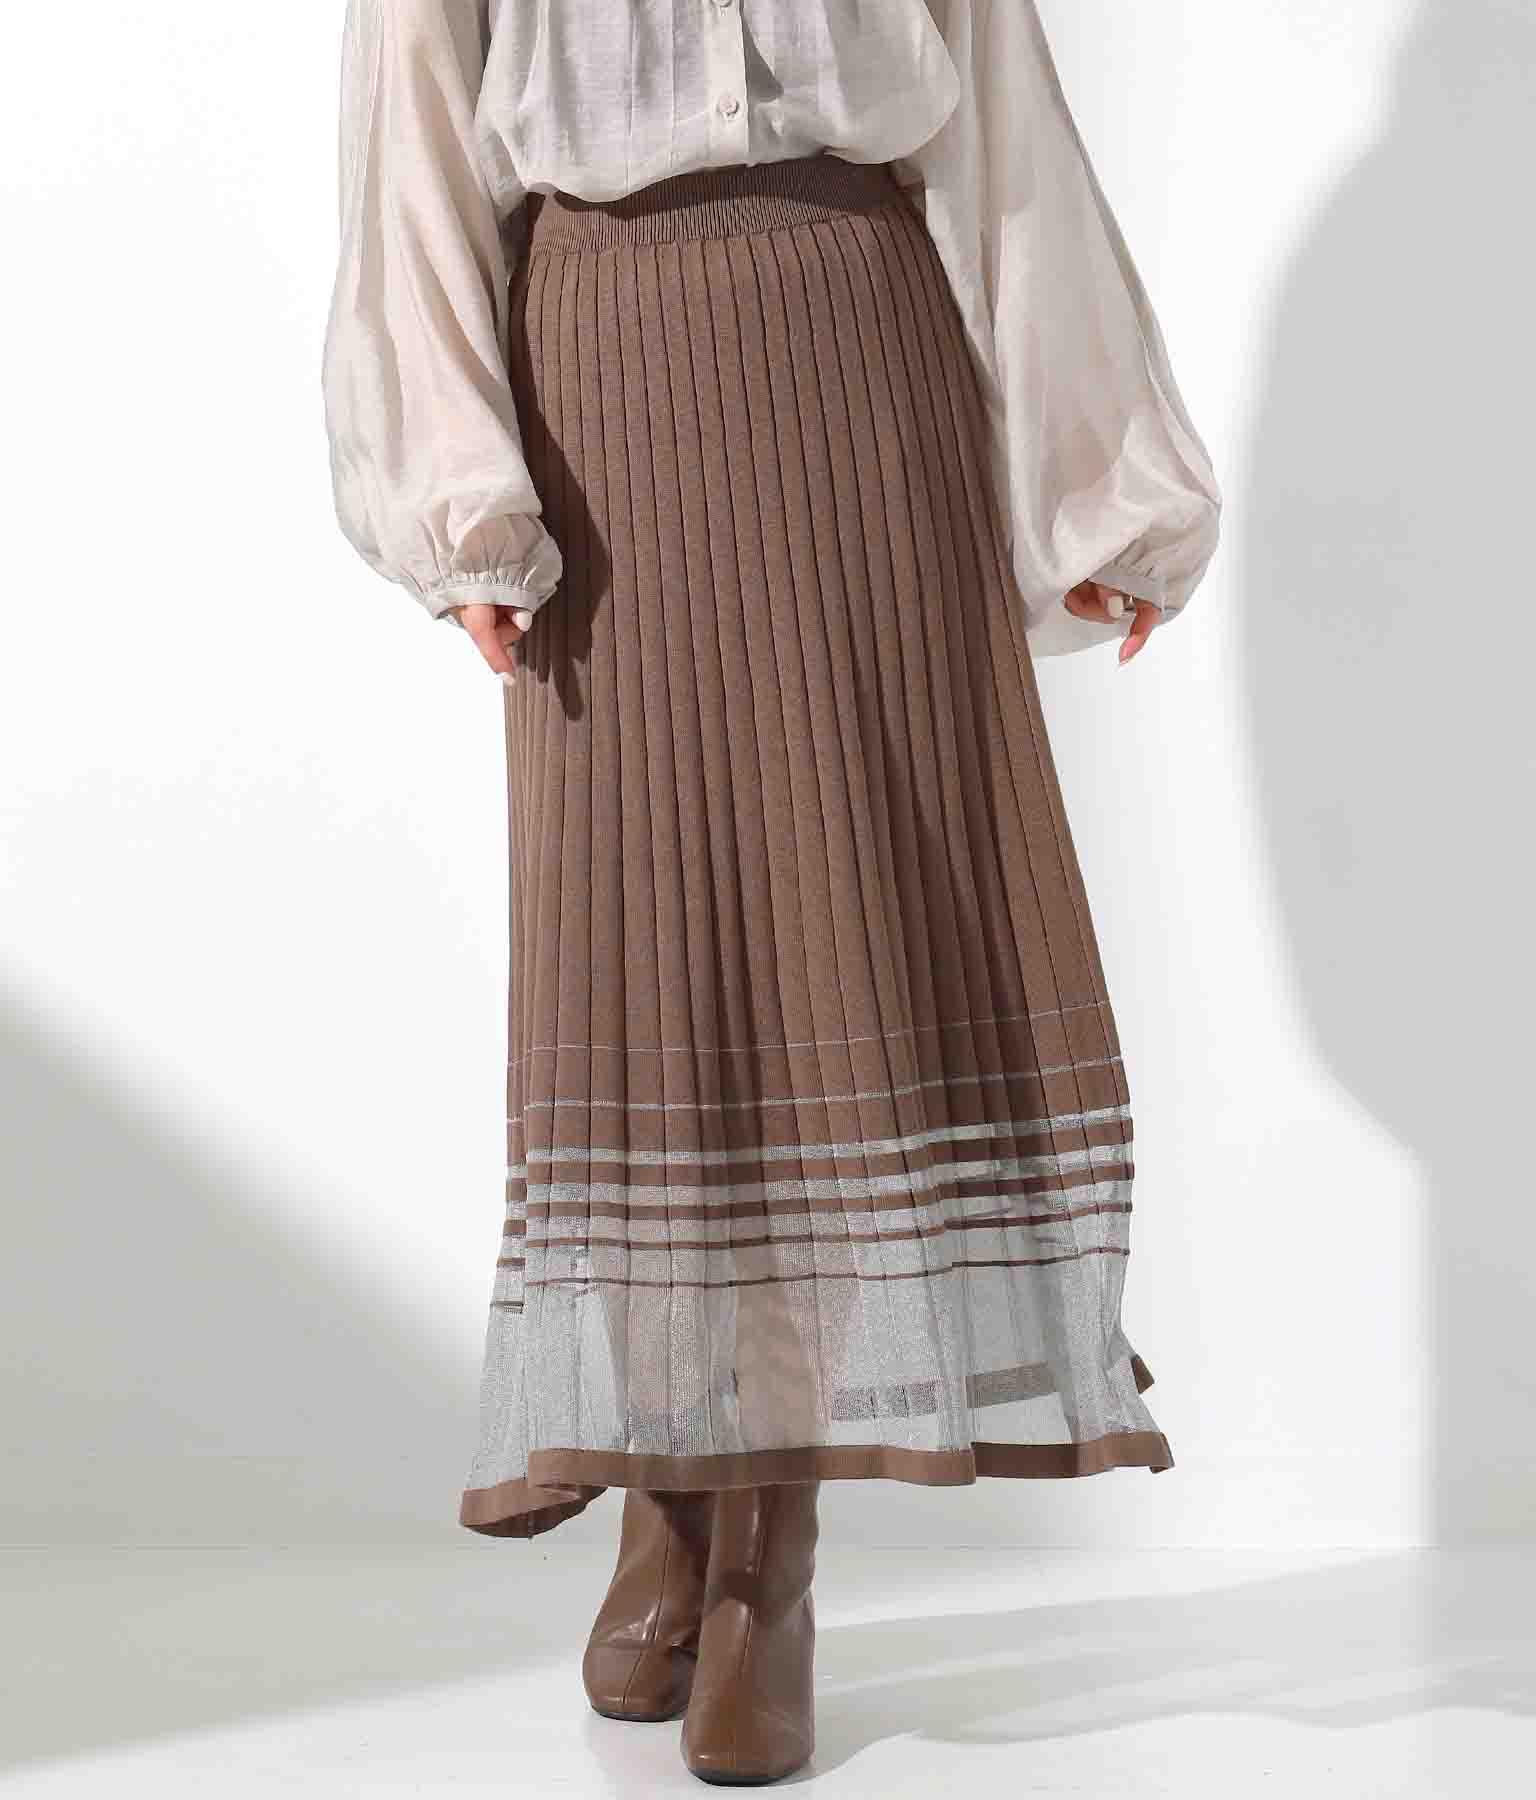 シアーラインプリーツ編みスカート